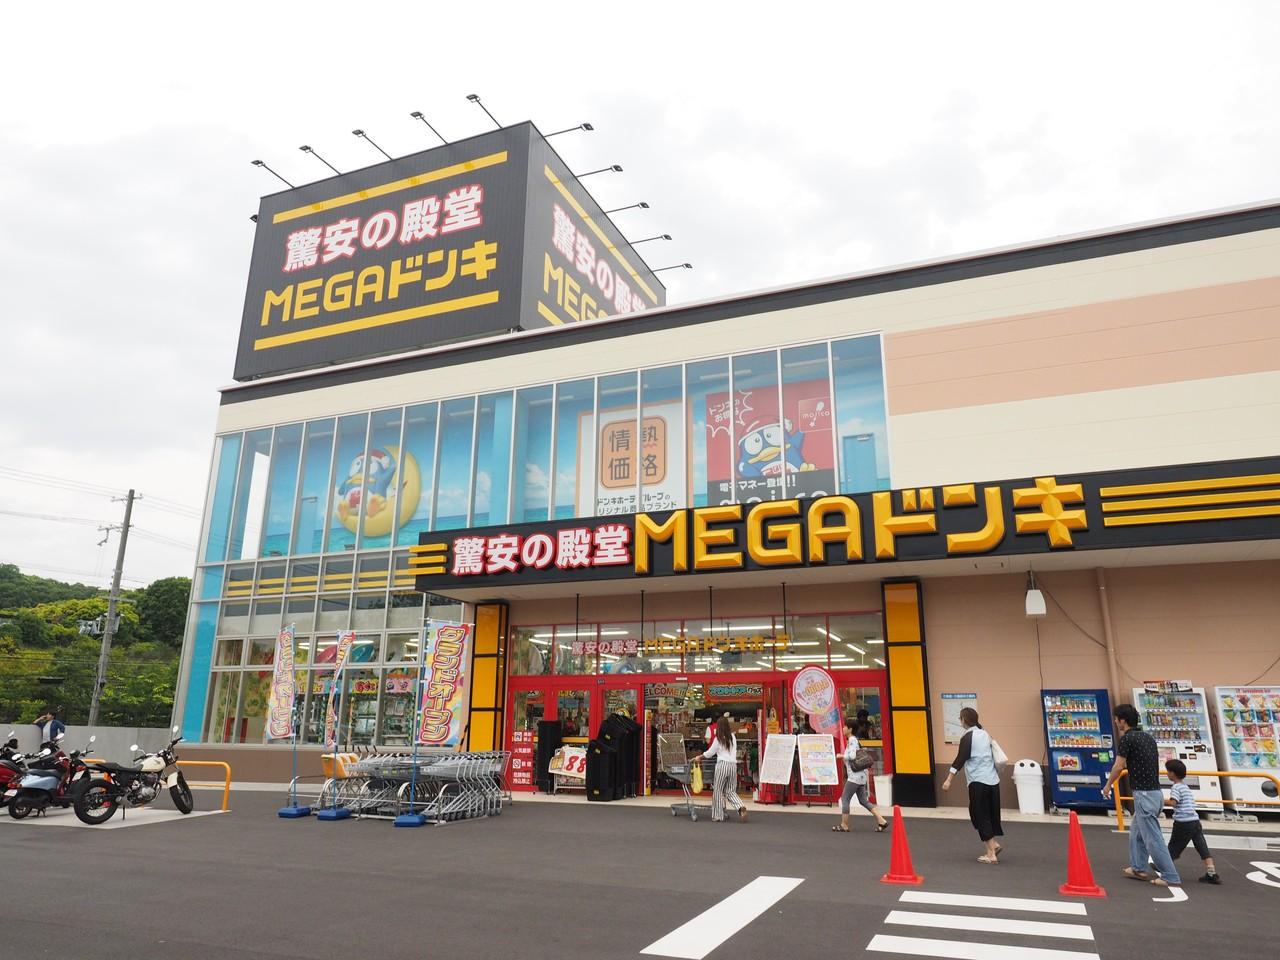 垂水区の神戸学園都市に Megaドン キホーテ ができたので行ってきた